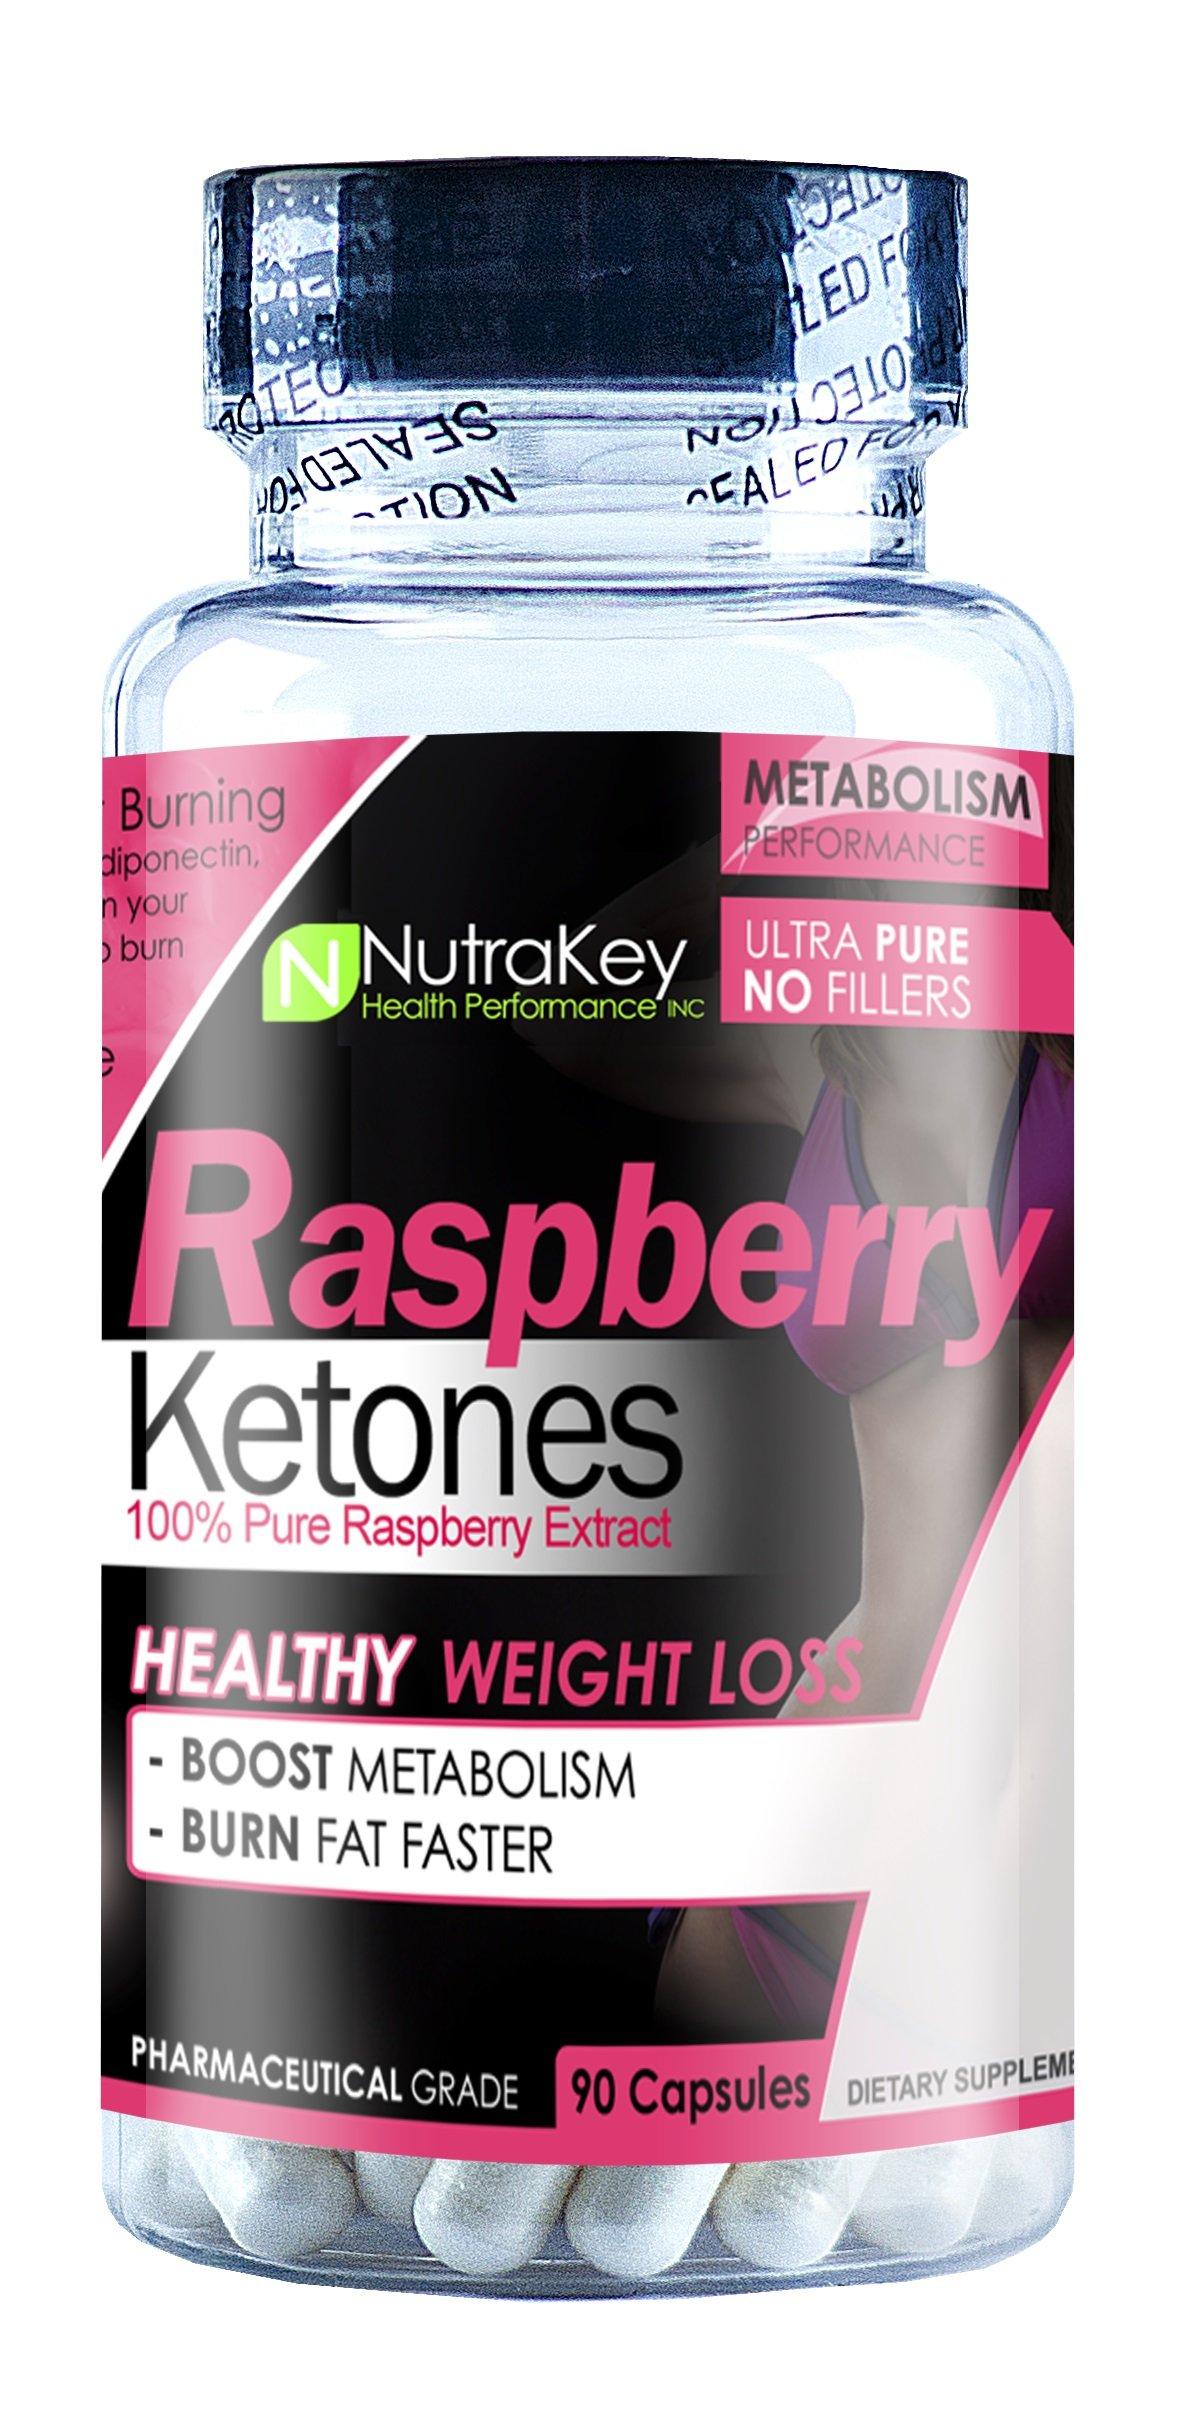 NutraKey Raspberry Ketones 90 Count